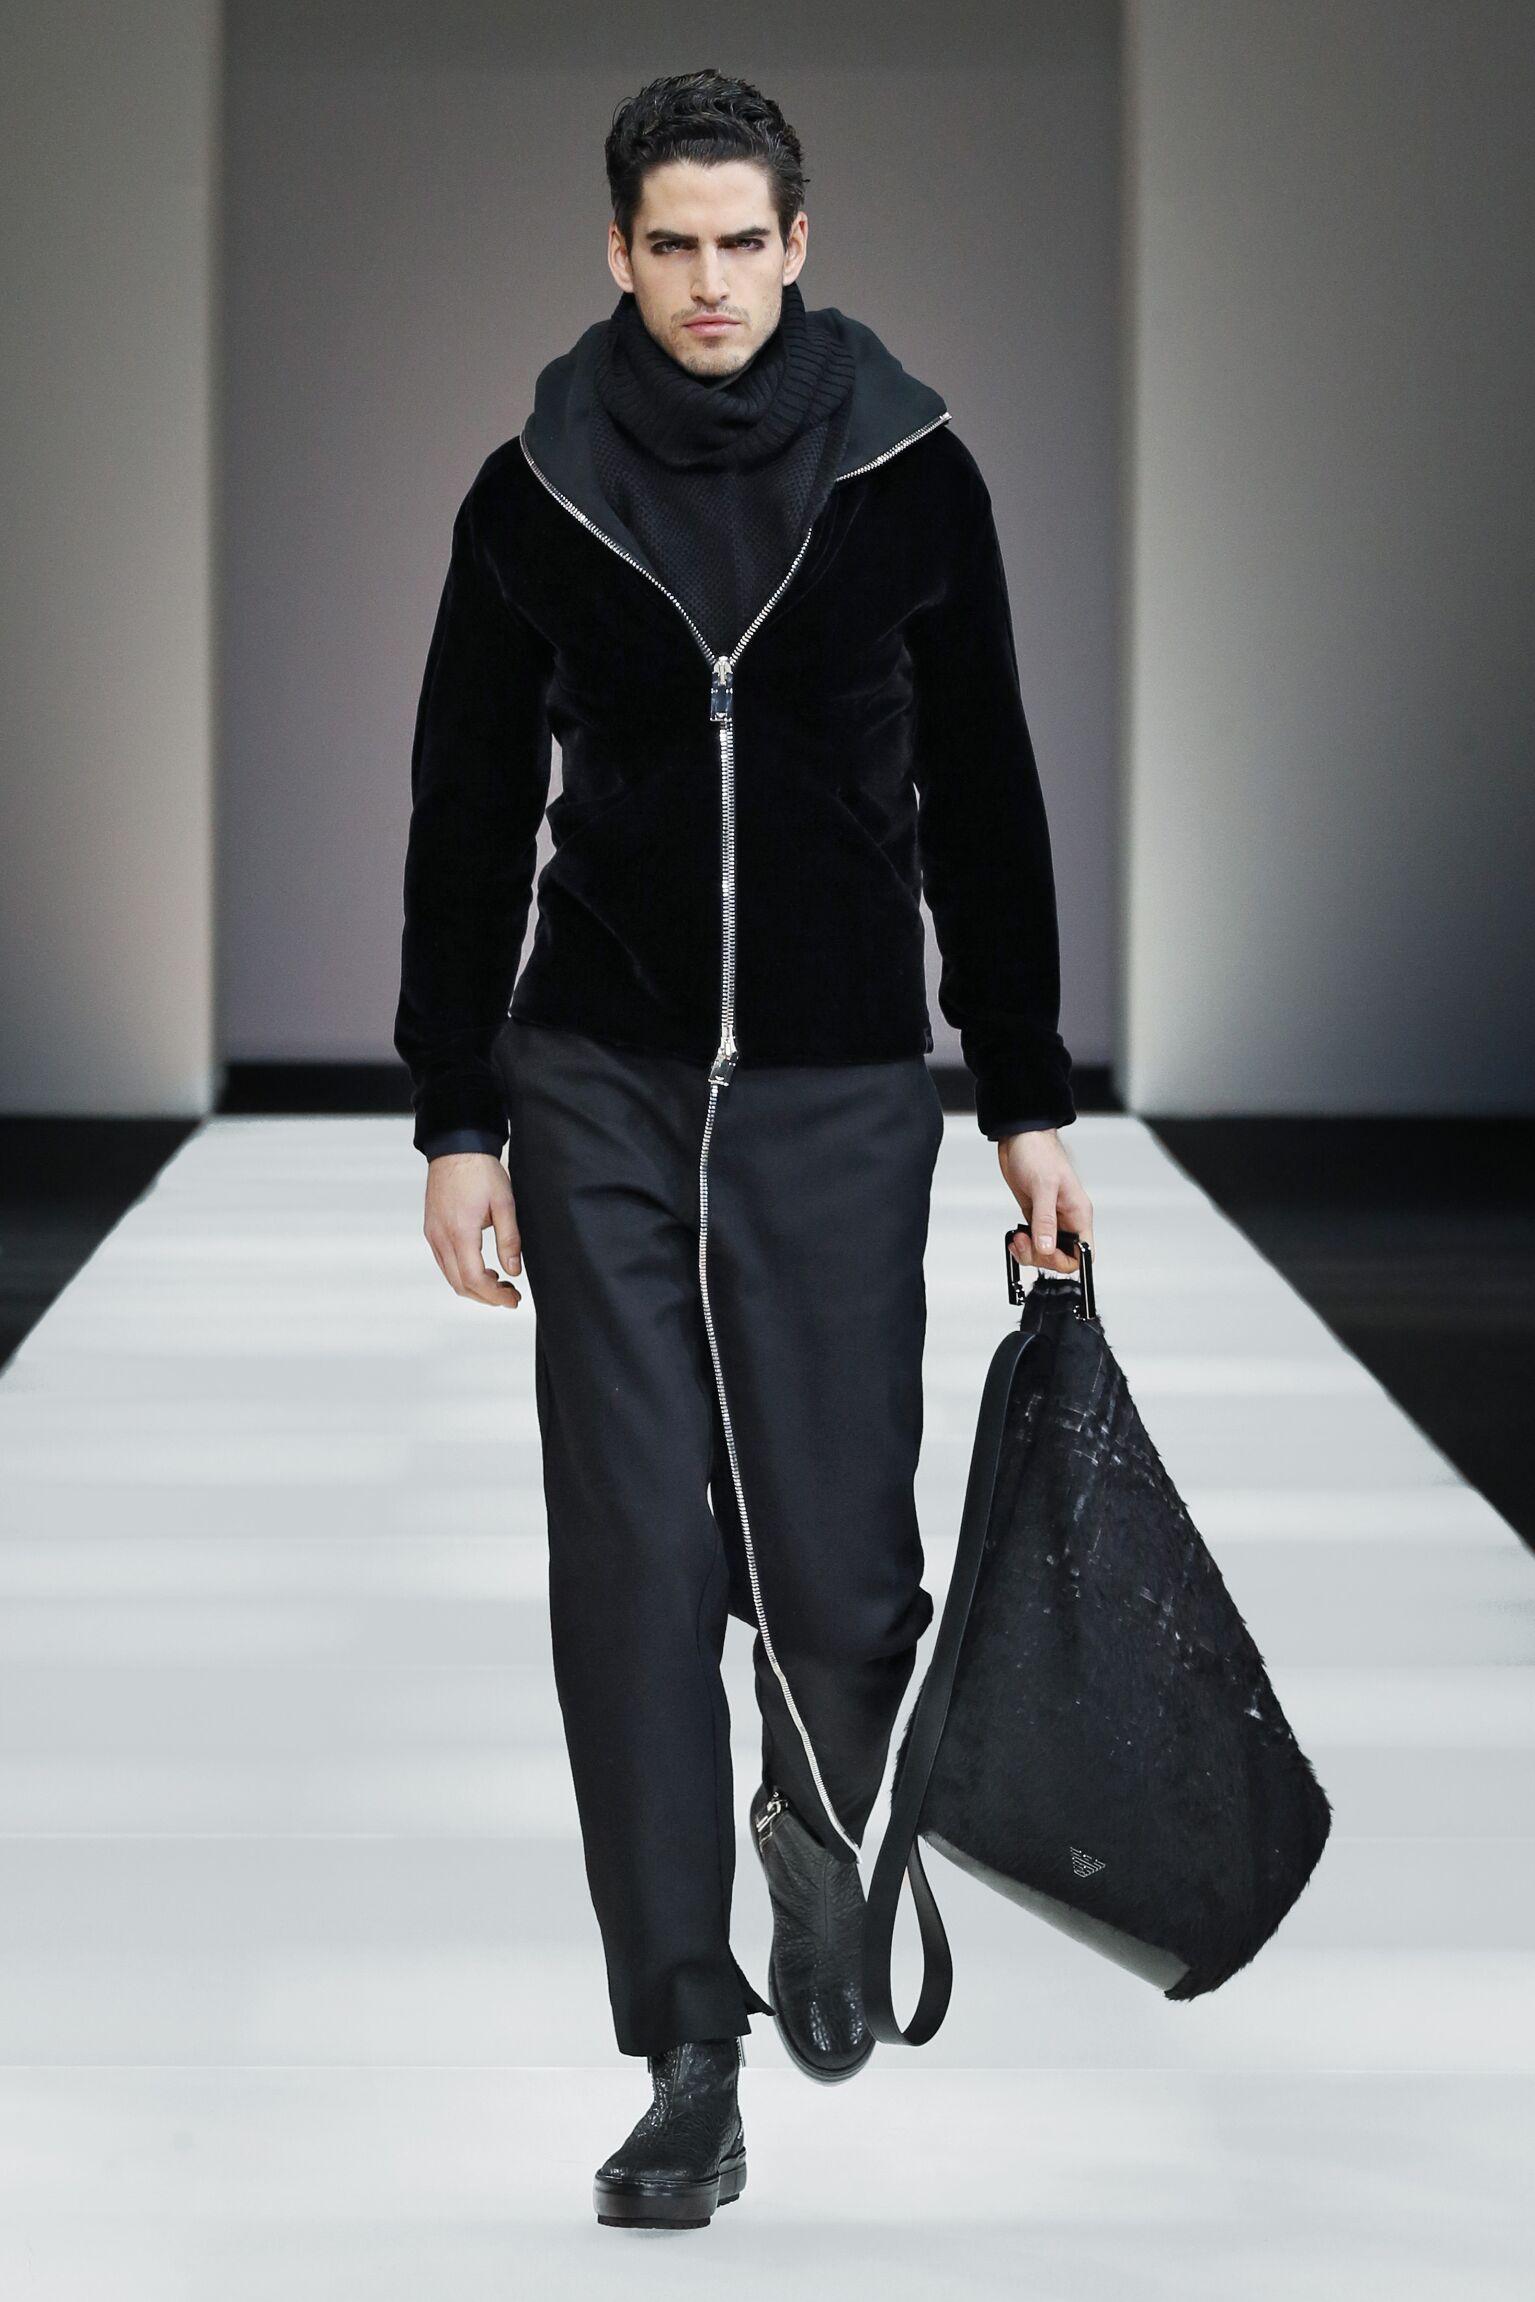 Fashion Trends Emporio Armani